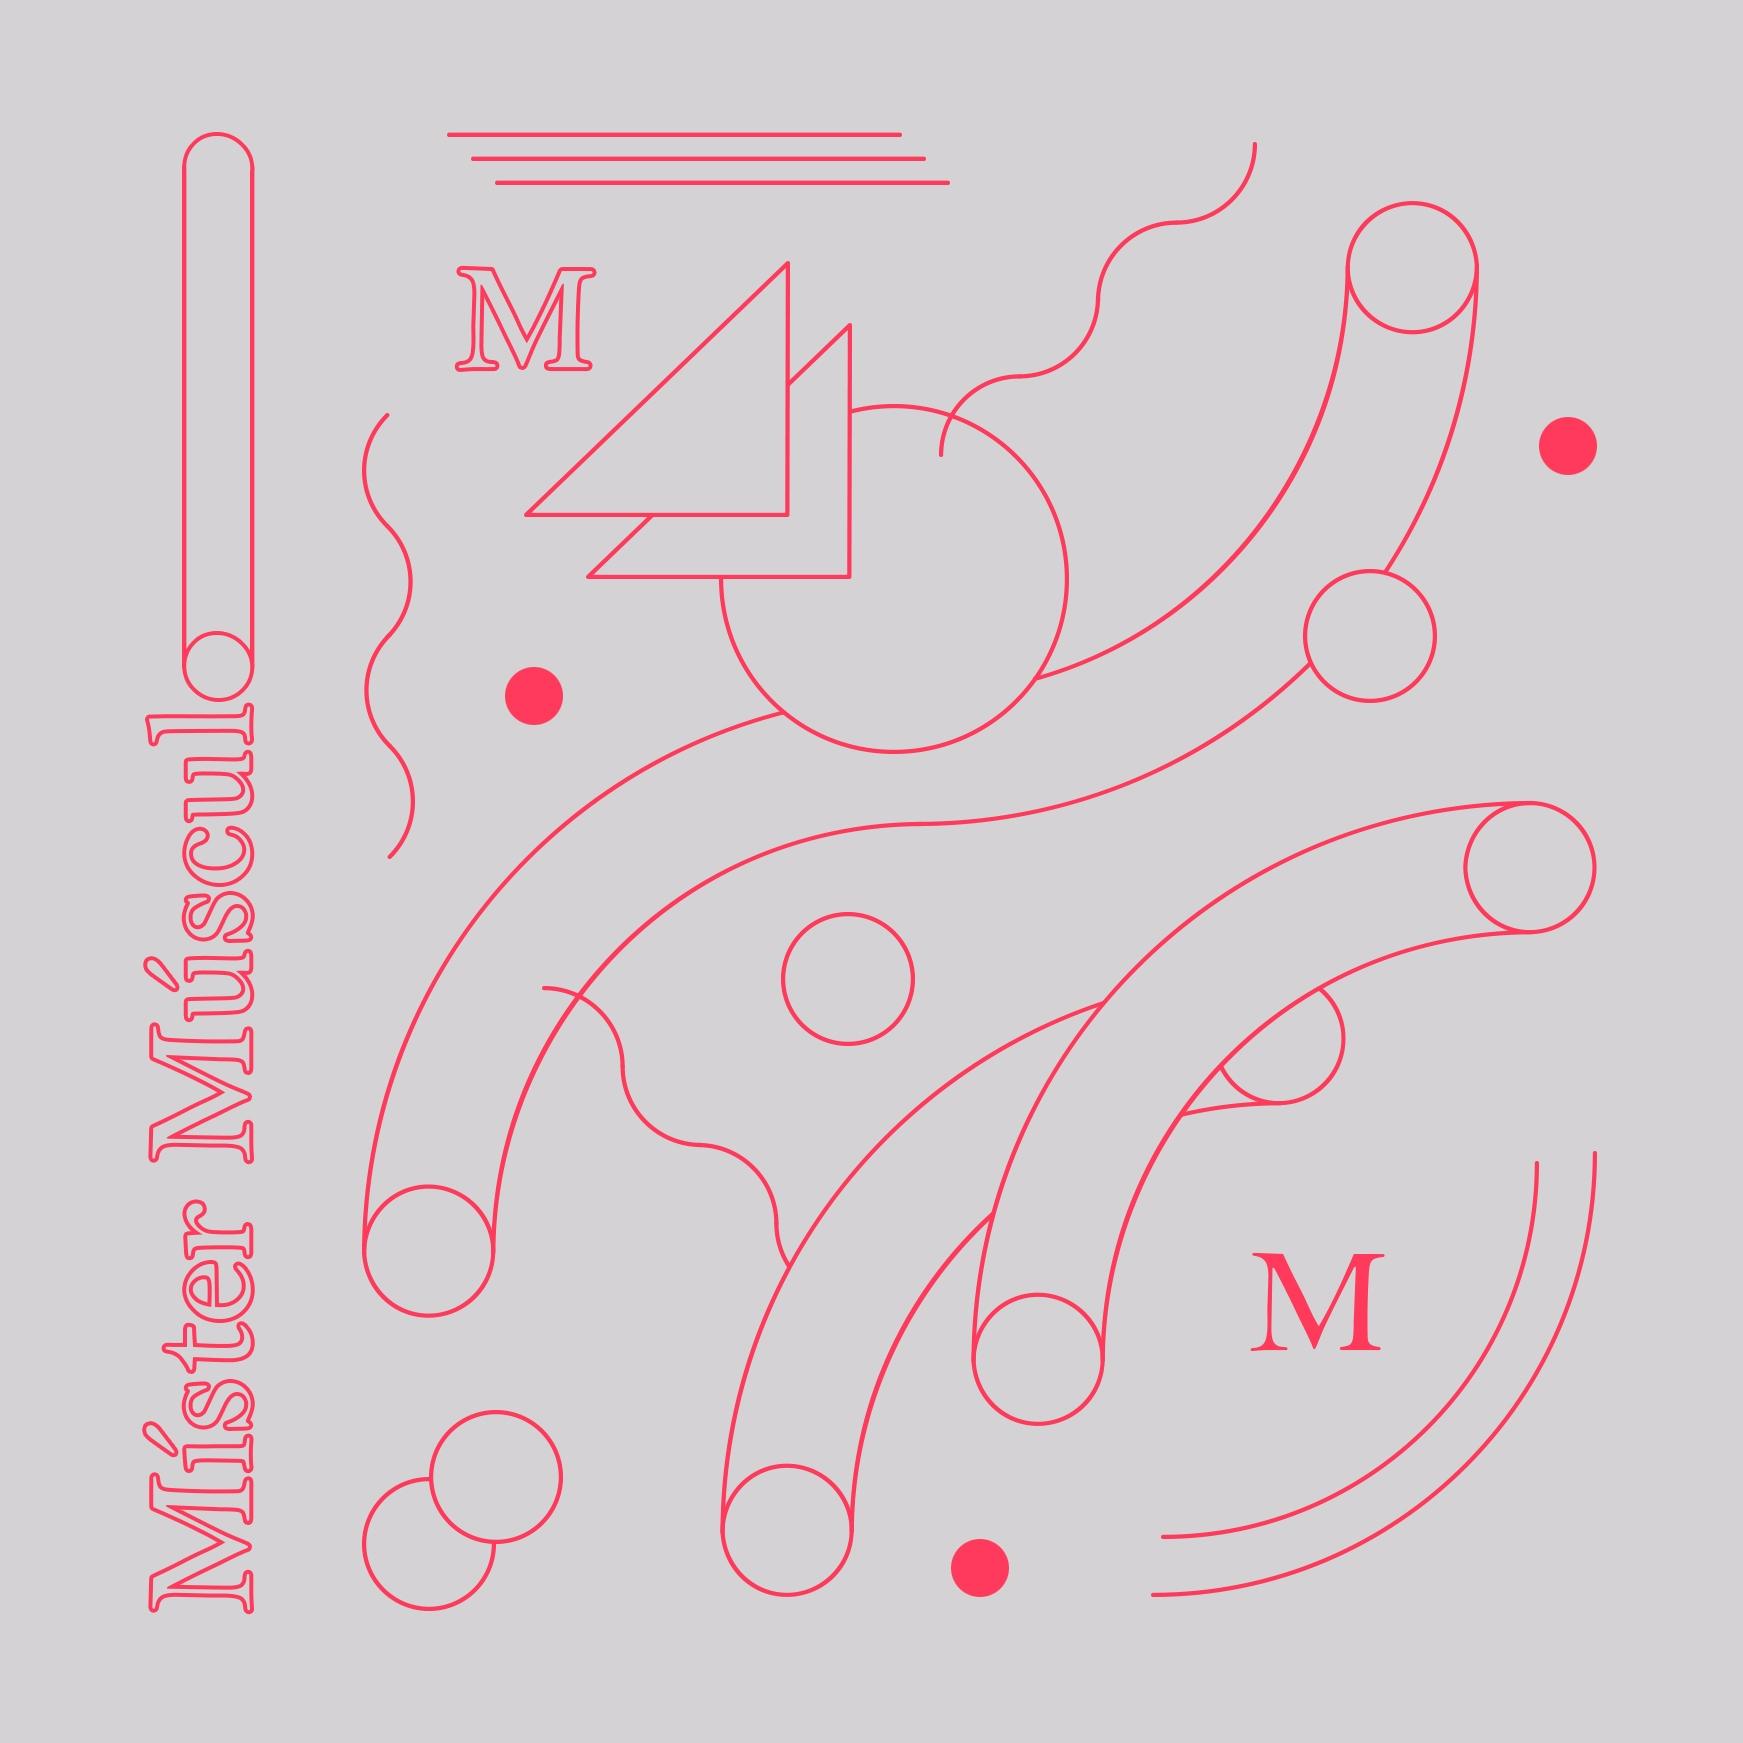 Míster Músculo <3 - design, graphicdesign - lxtxcx   ello